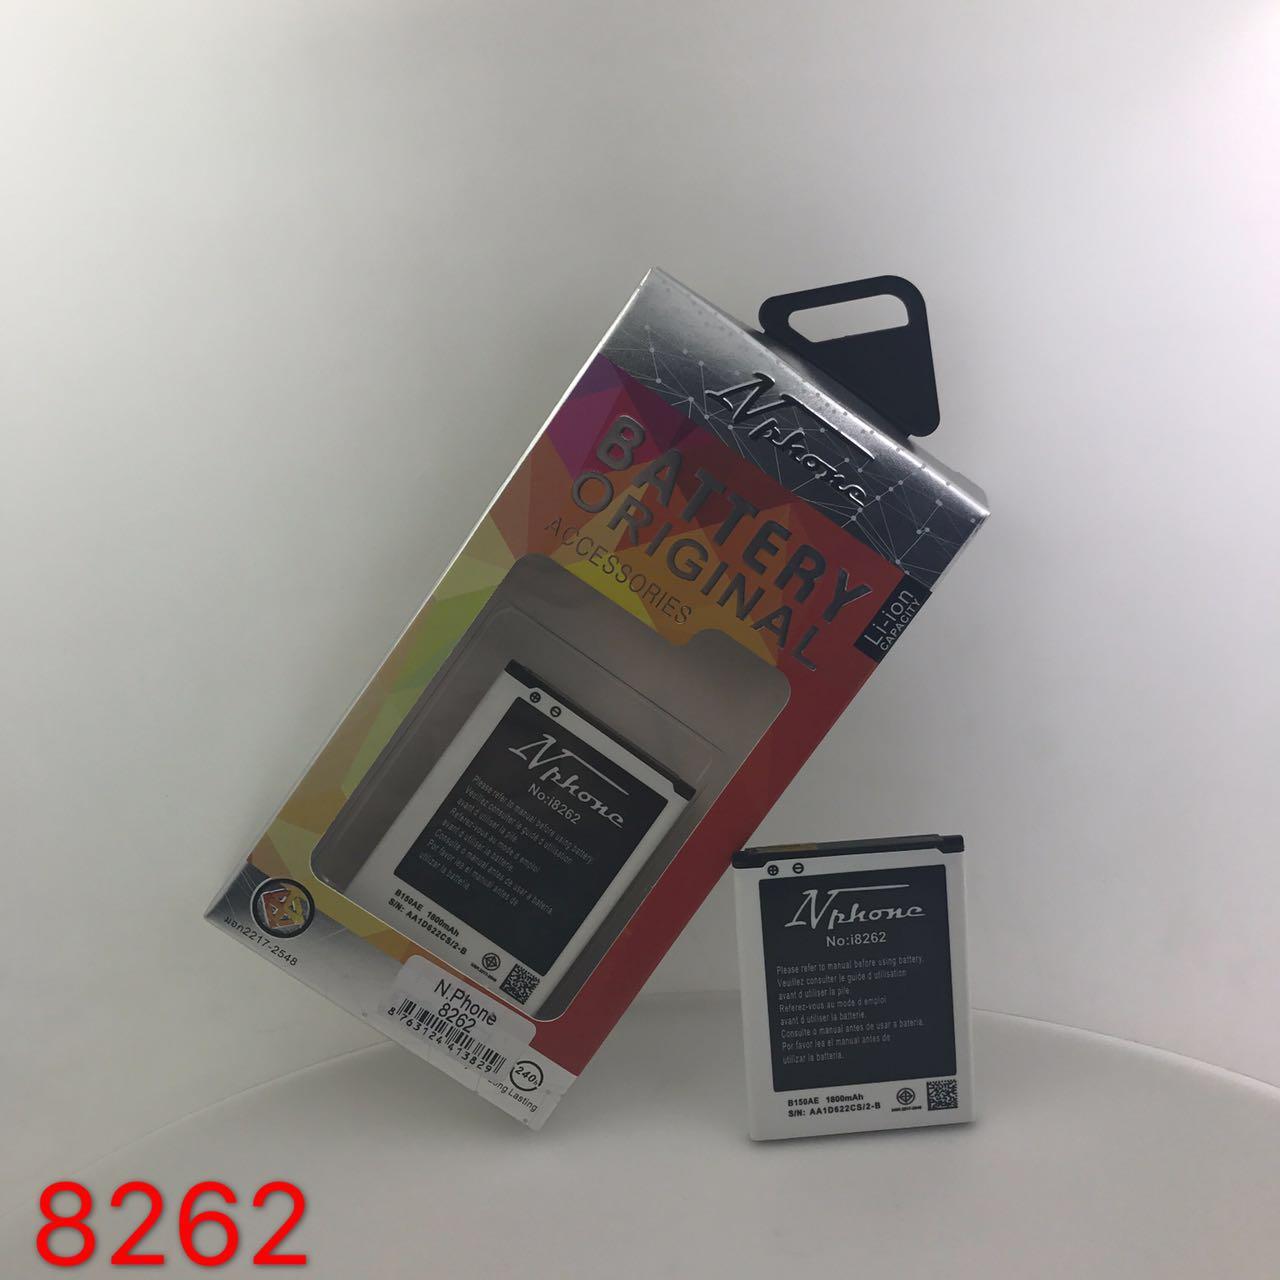 แบตเตอร์รี่ งานบริษัท ( มี มอก ไส้เต็ม ) Samsung Galaxy Core / i8262